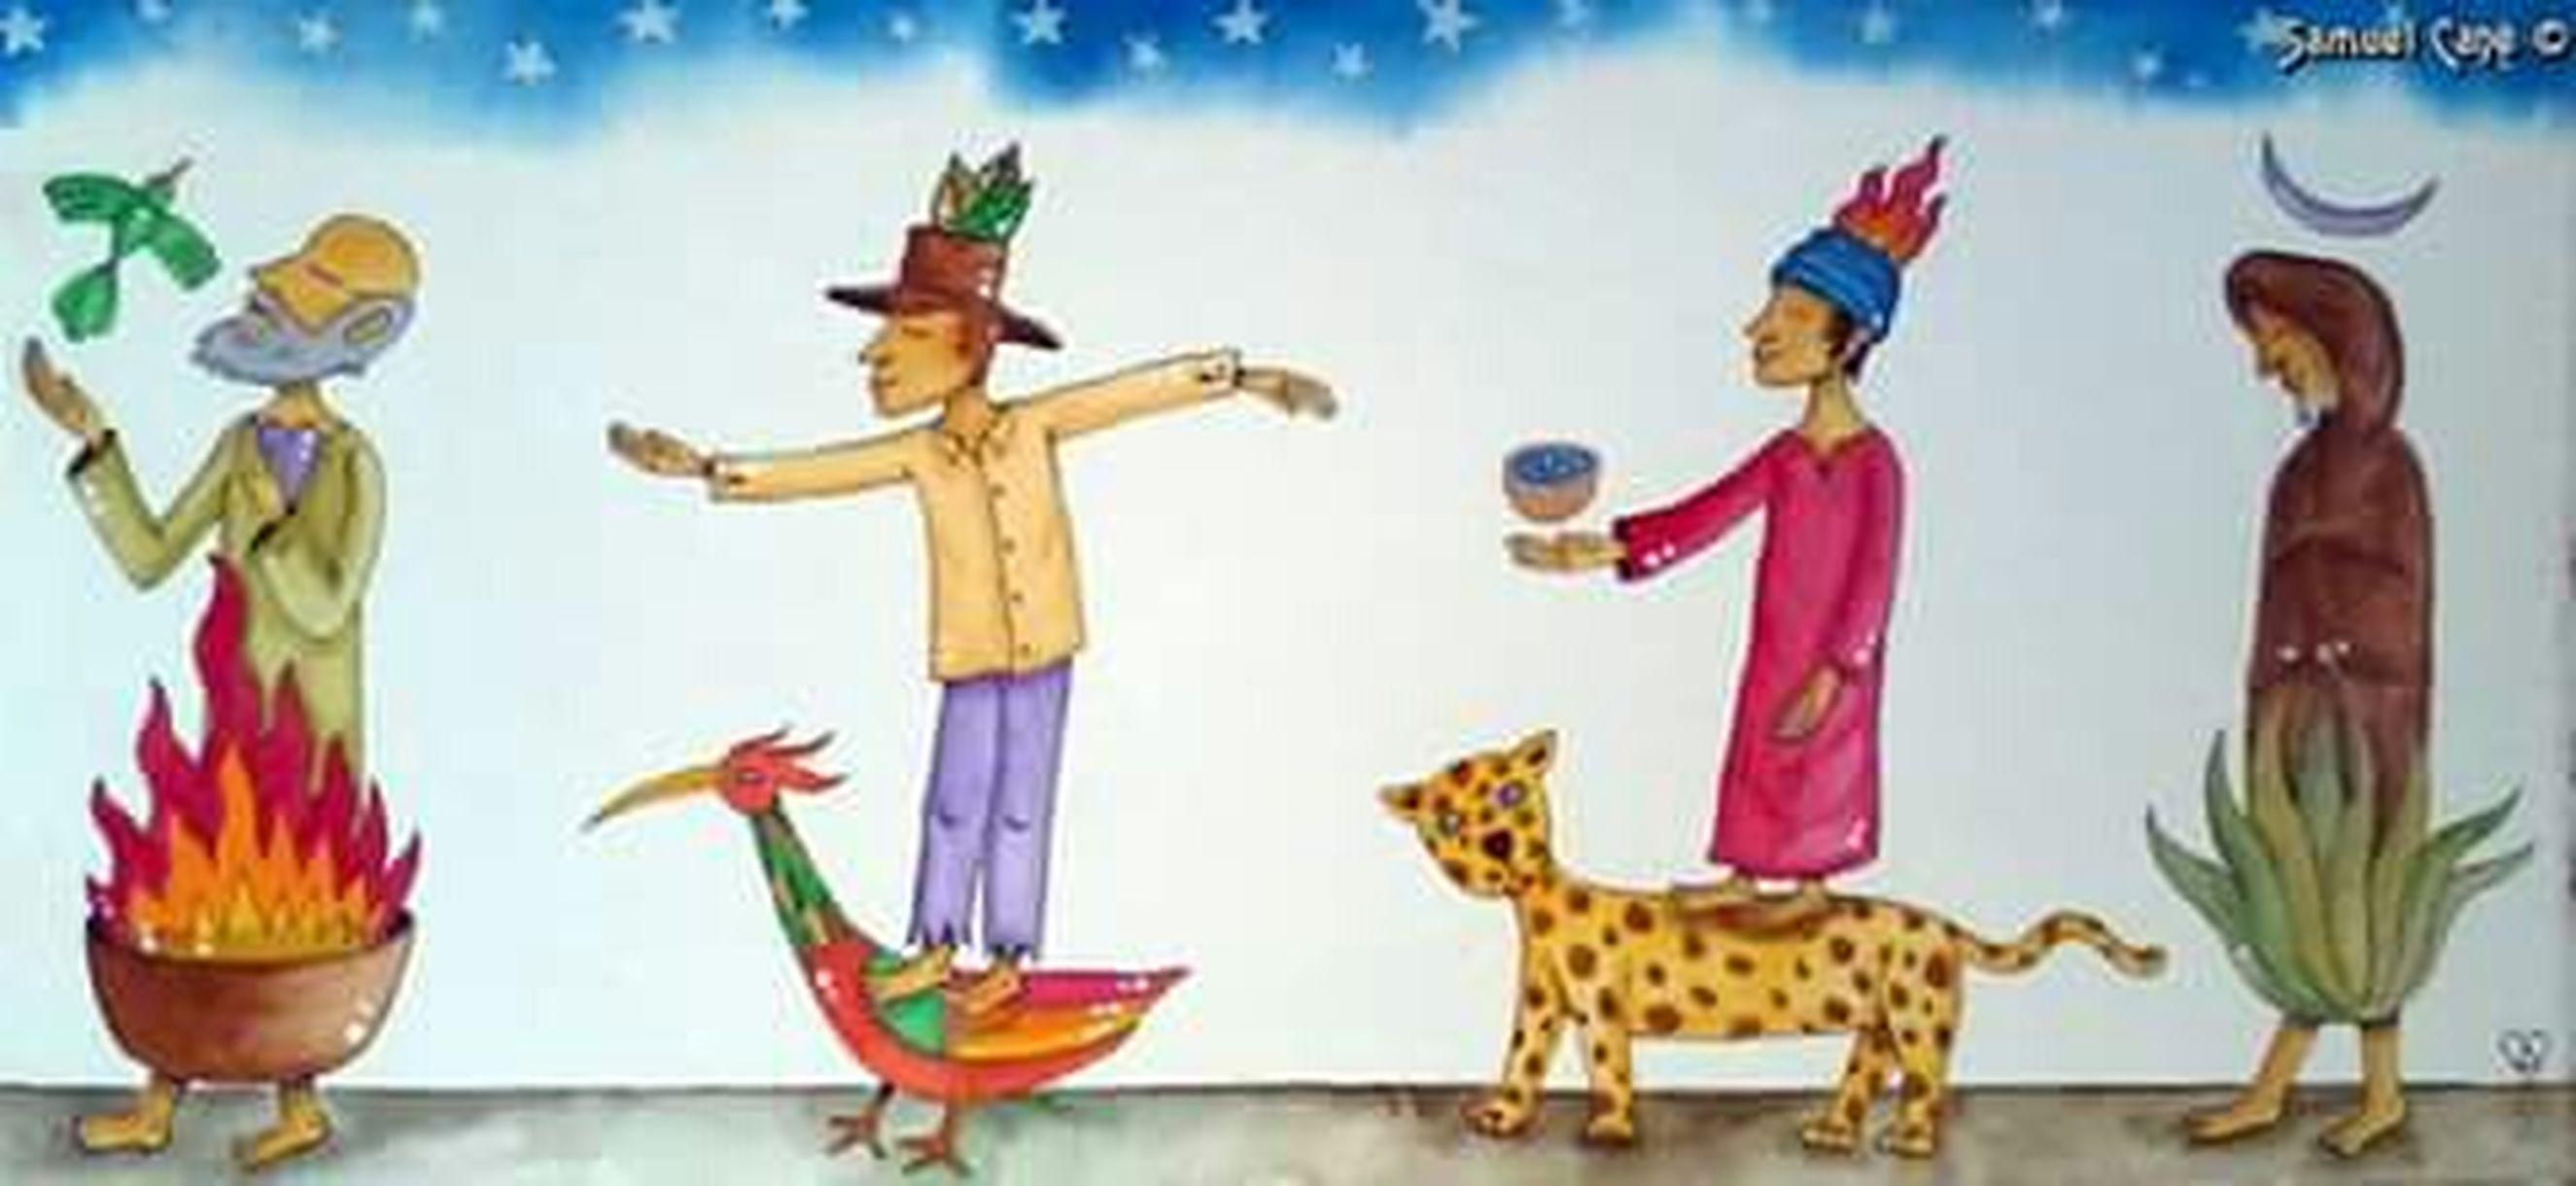 Mexico dibuixos d un Pintura Del Mestrepinta. EspatarrNt. Veure Pintura Curatuva